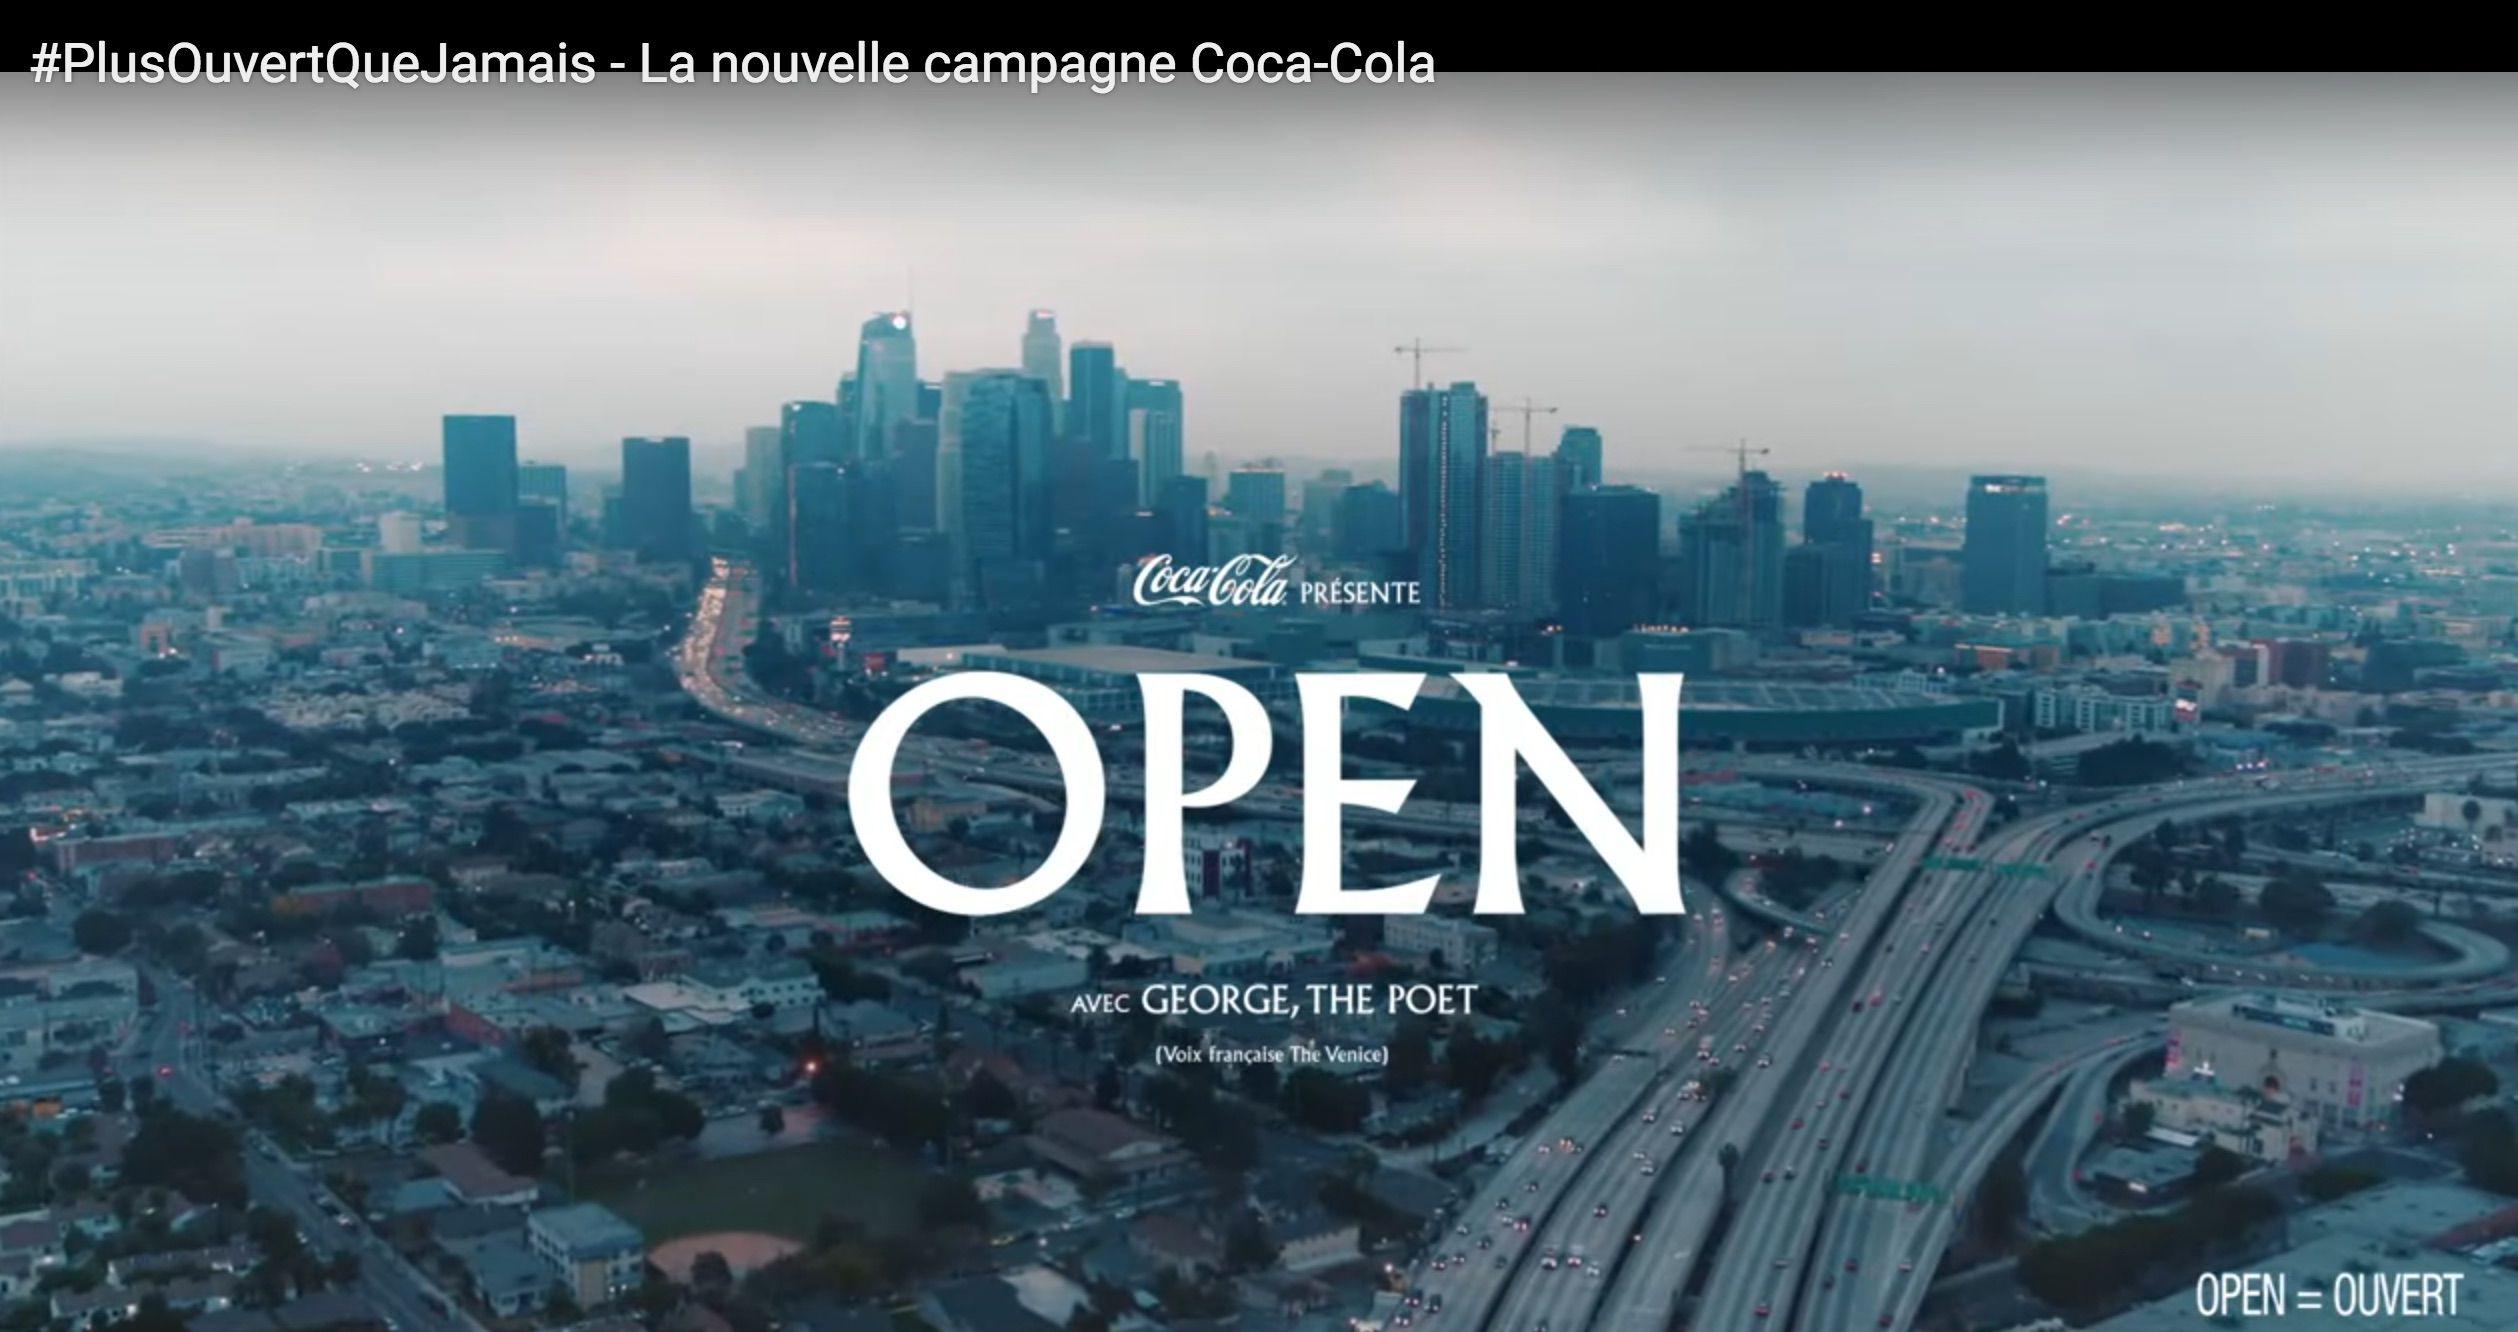 Capture d'écran bande-annonce de Coca-Cola